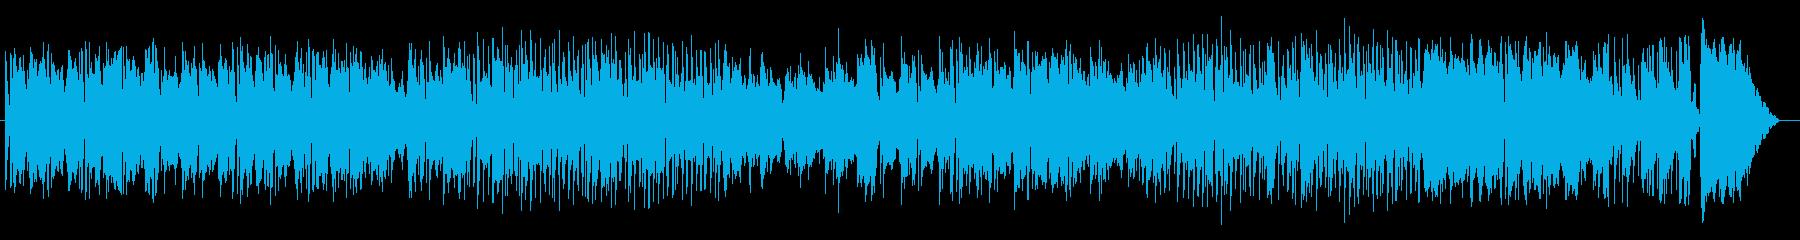 独特なベースラインの織りなすBGMの再生済みの波形